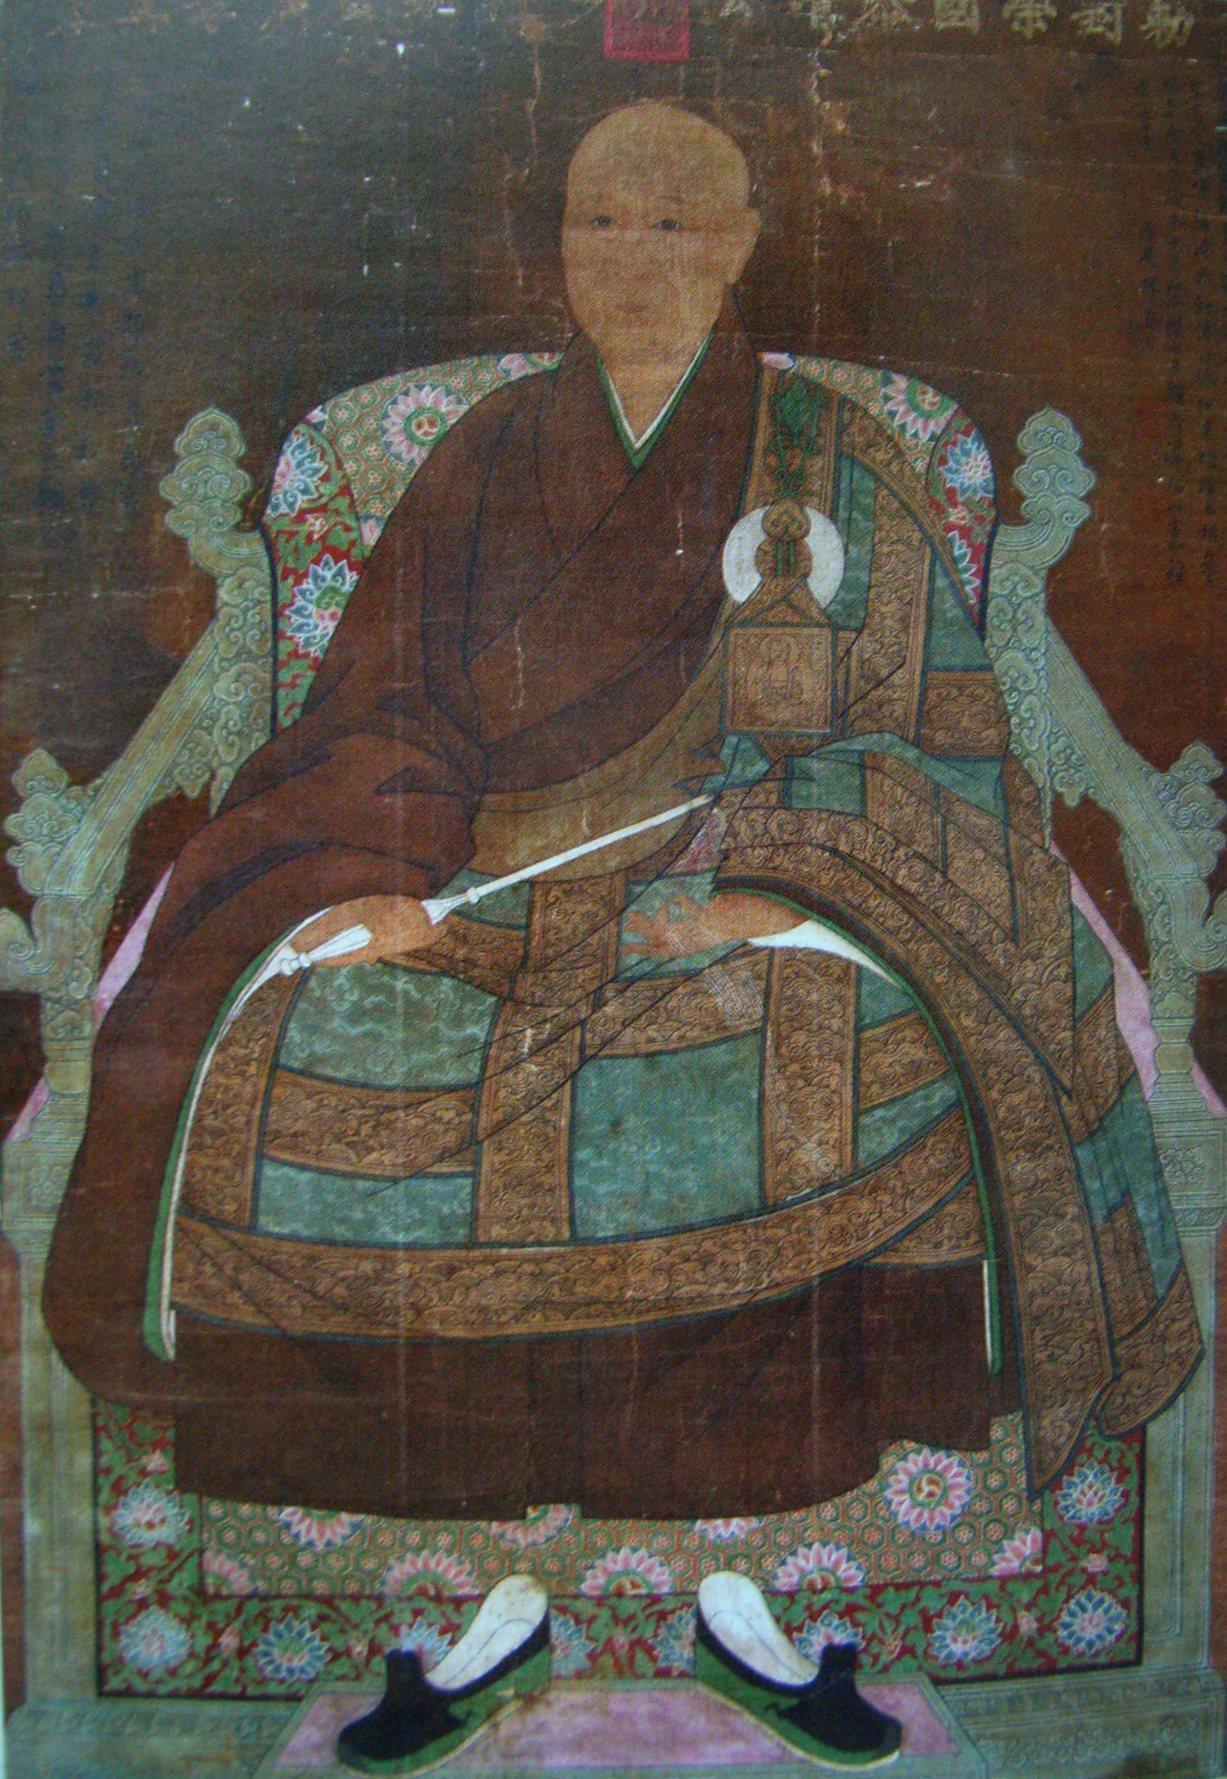 image of Yao Guang Xiao